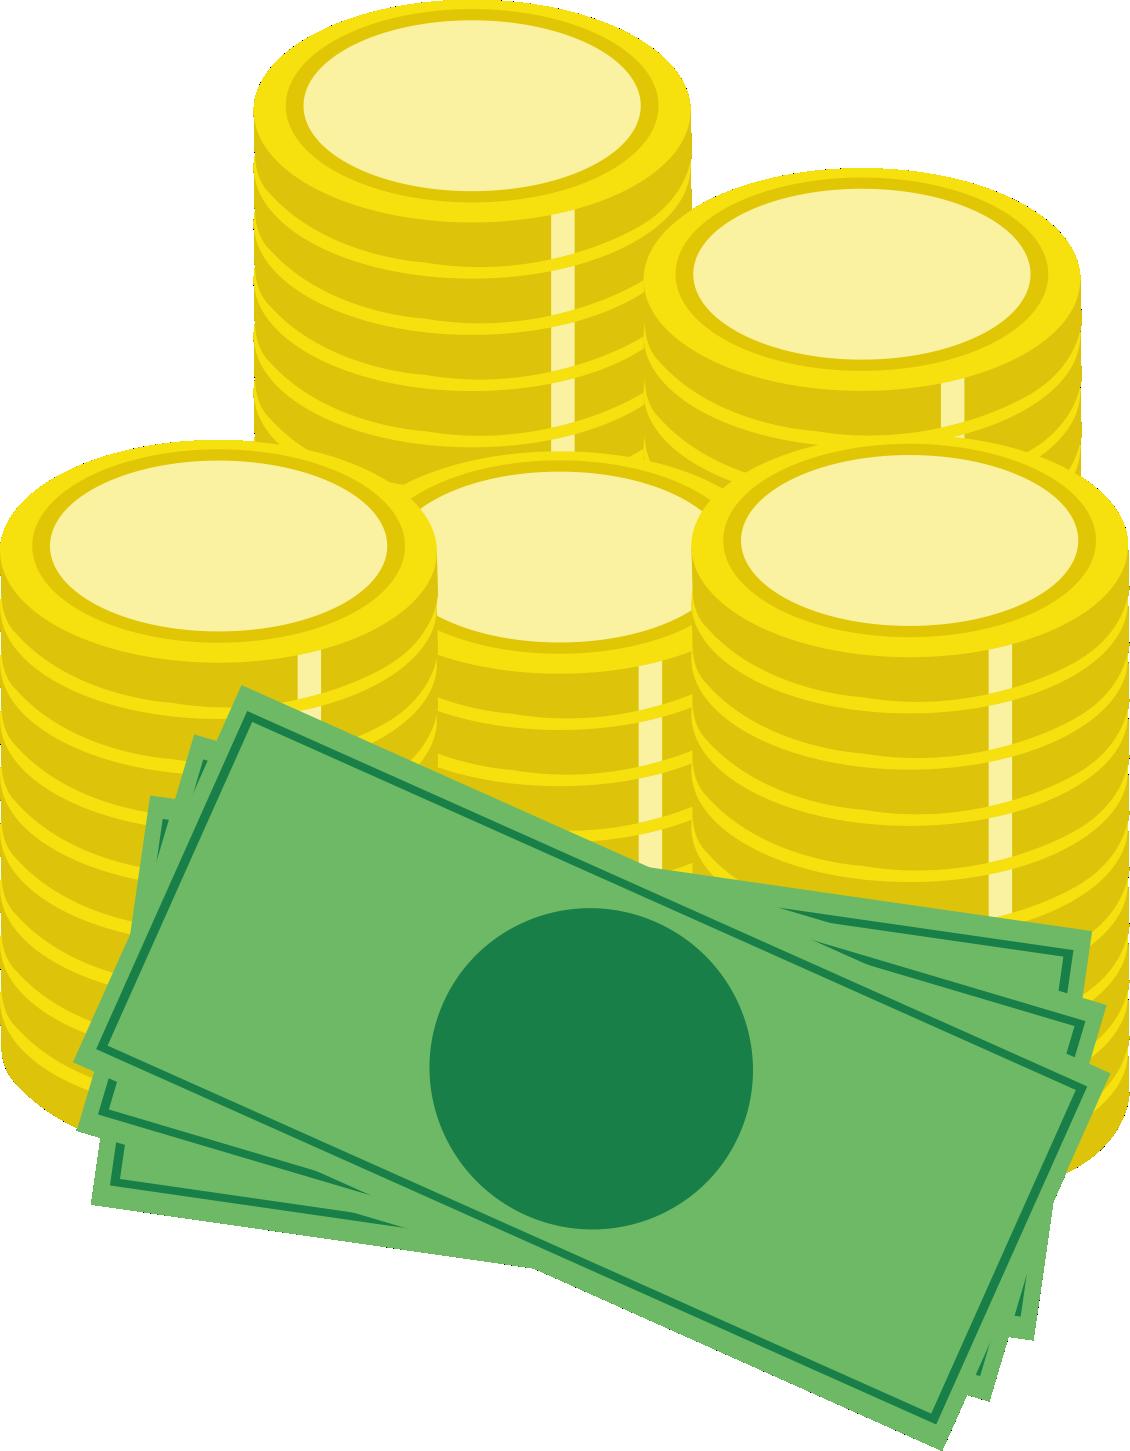 микрофинансовая организация не хочет досрочного погашения займа